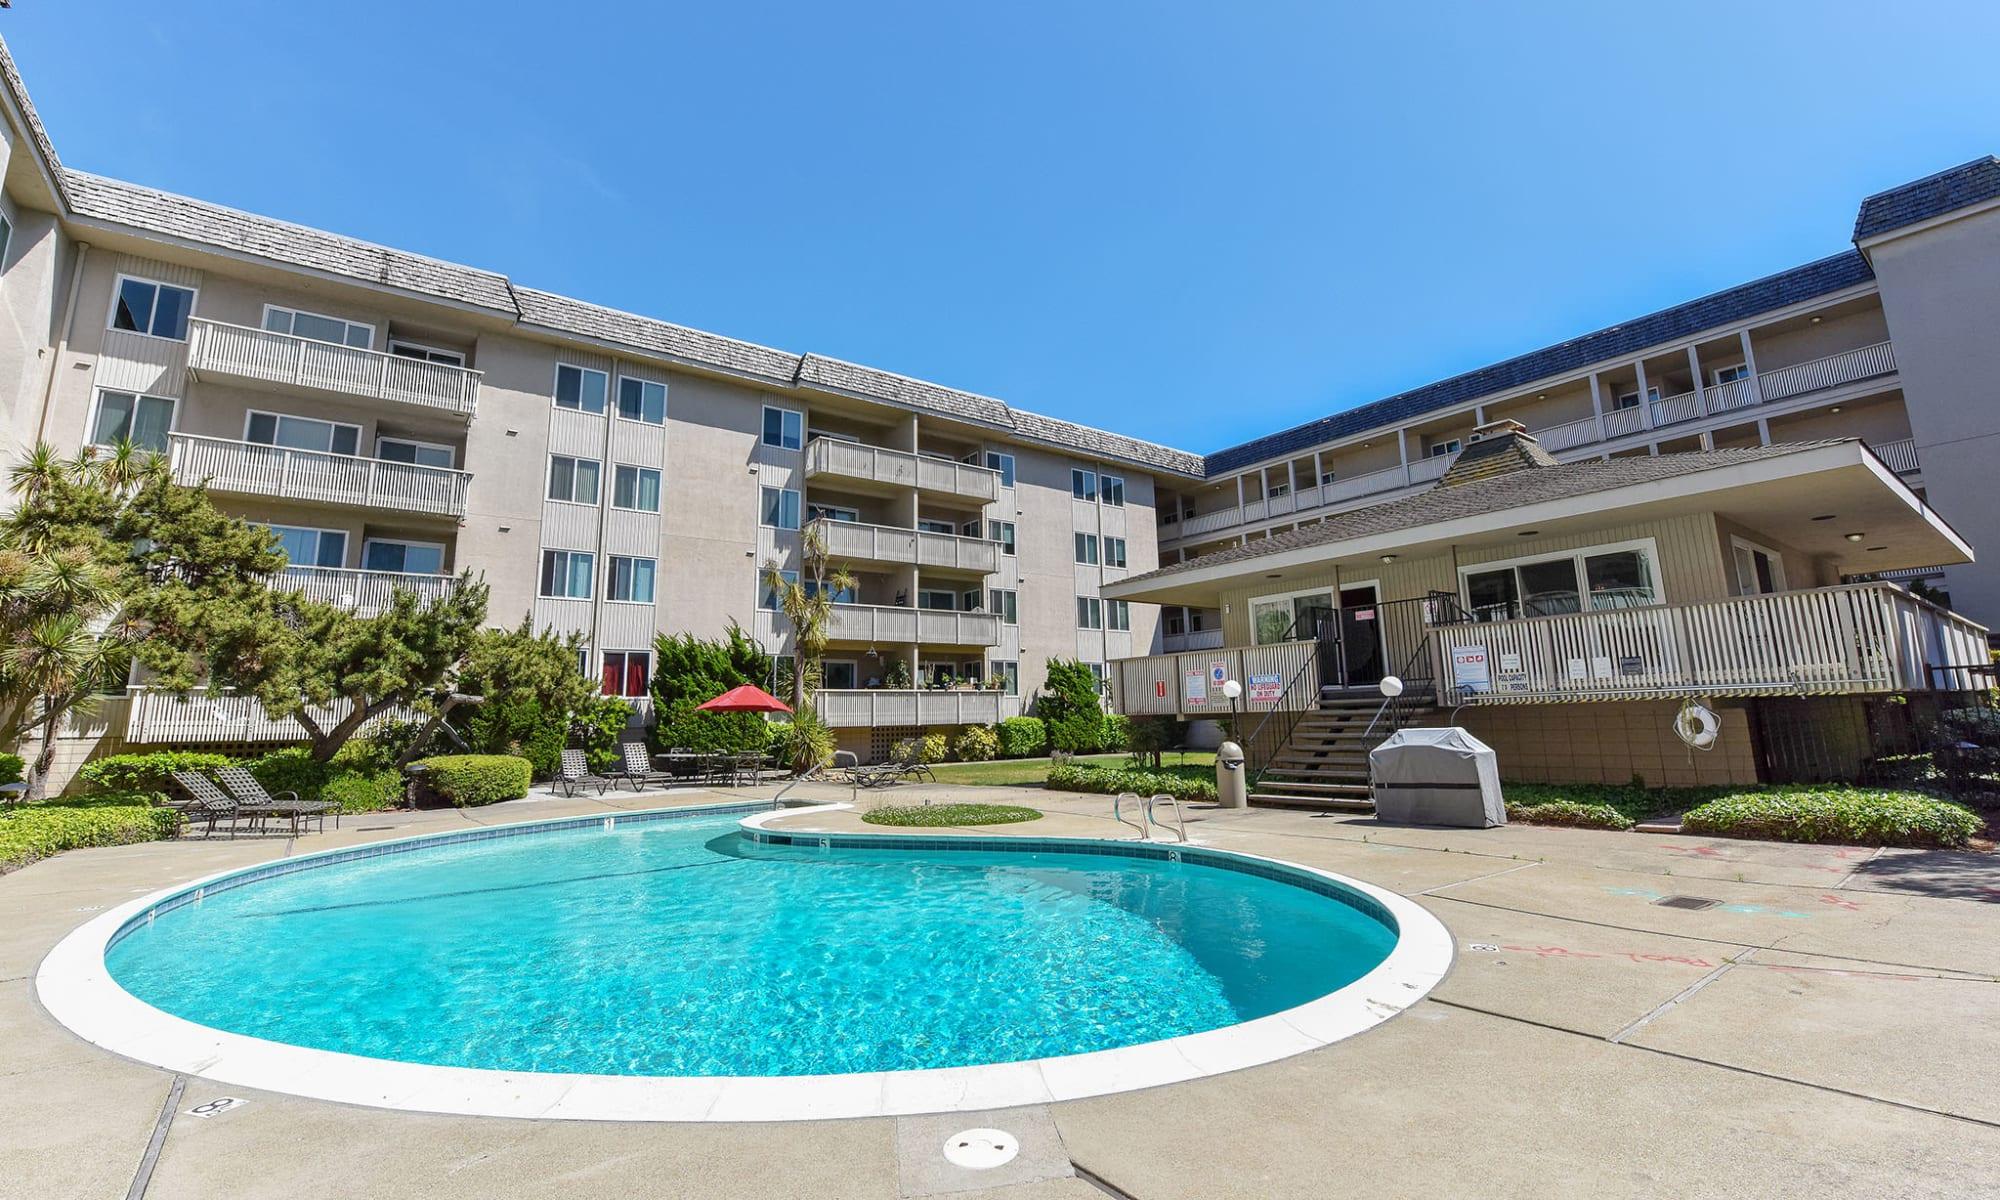 Apartments in Alameda, CA